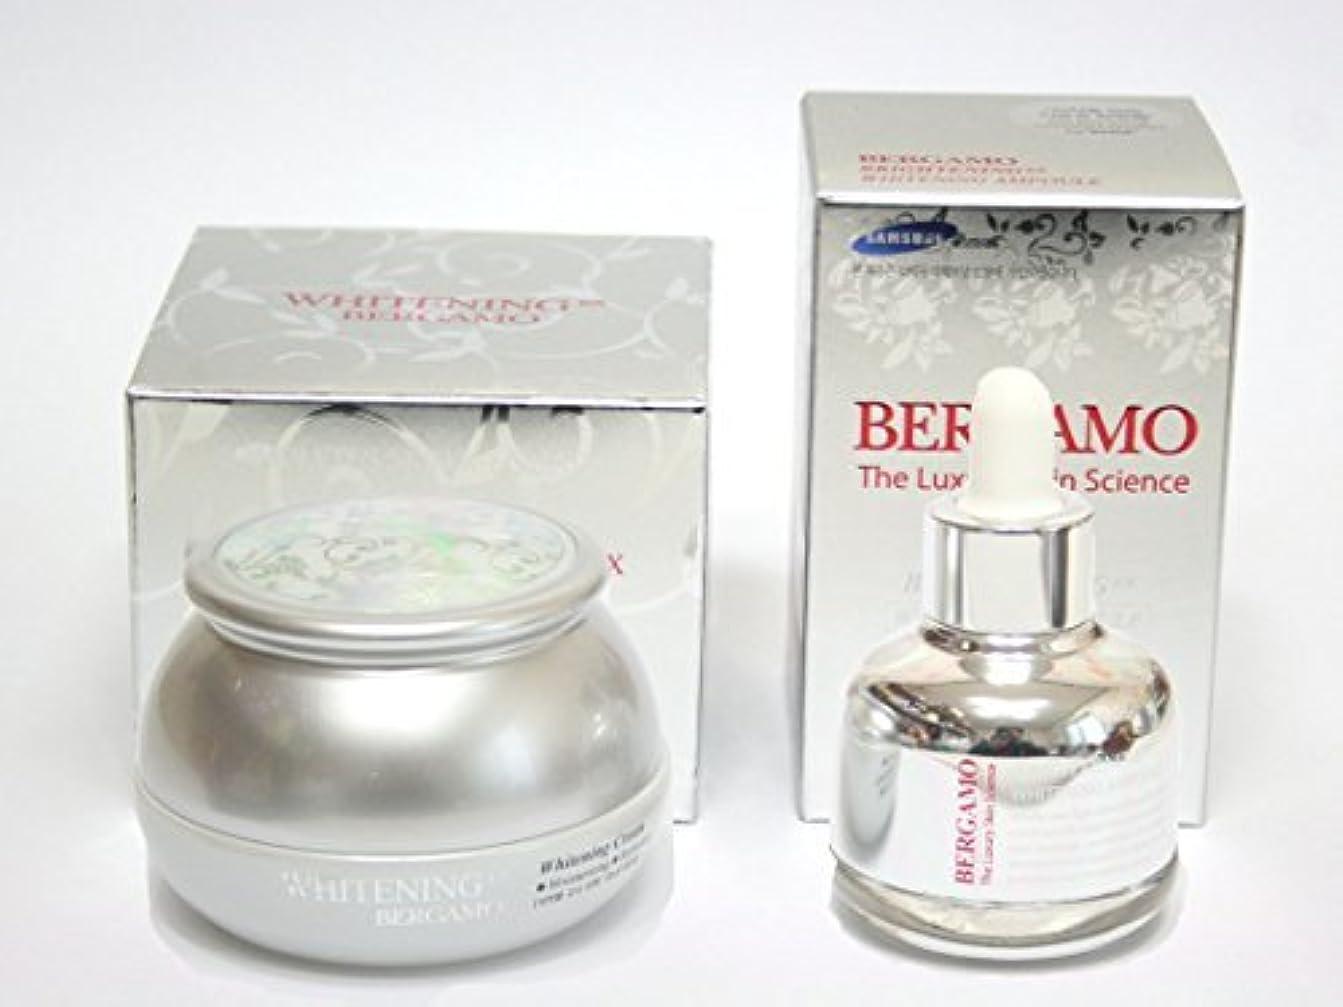 統治可能六分儀オークランド[BERGAMO] ホワイトニングEXクリーム50ml&ラグジュアリースキンサイエンスブライトニングEXホワイトニングアンプル30ml/韓国化粧品/Whitening Ex Cream 50ml & Luxury Skin Science Brightening Ex Whitening Ampoule 30ml/Korean Cosmetics [並行輸入品]